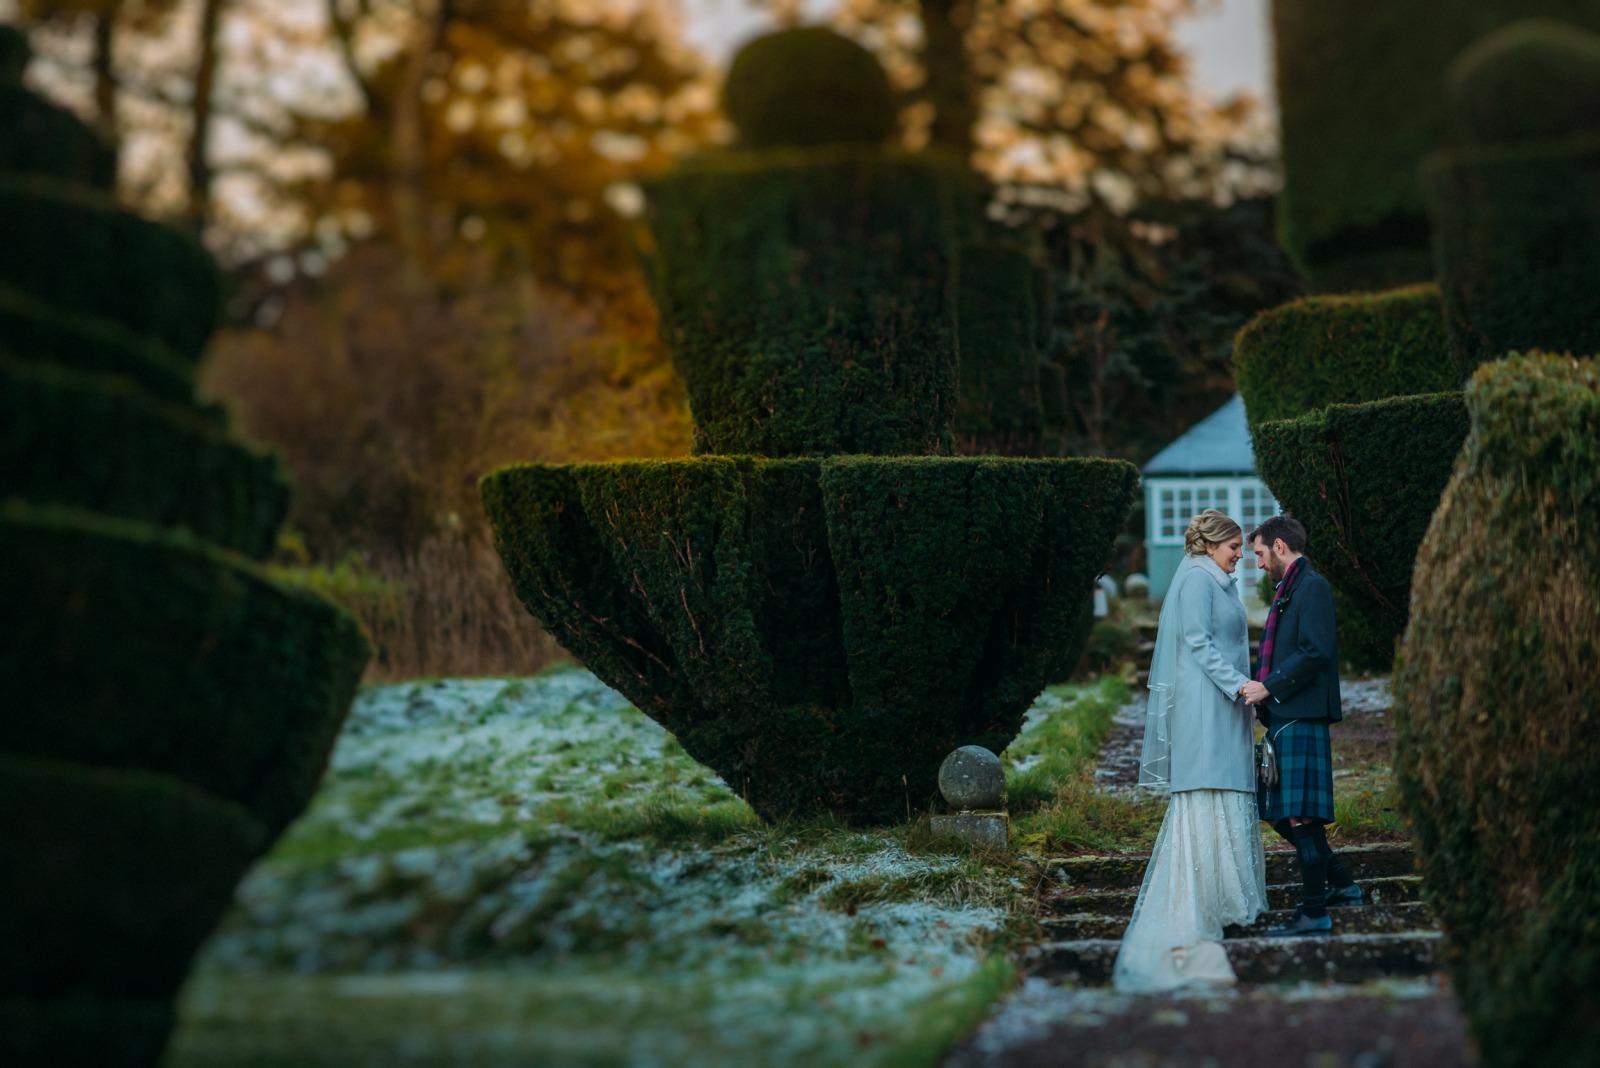 fingask-wedding-273-of-486